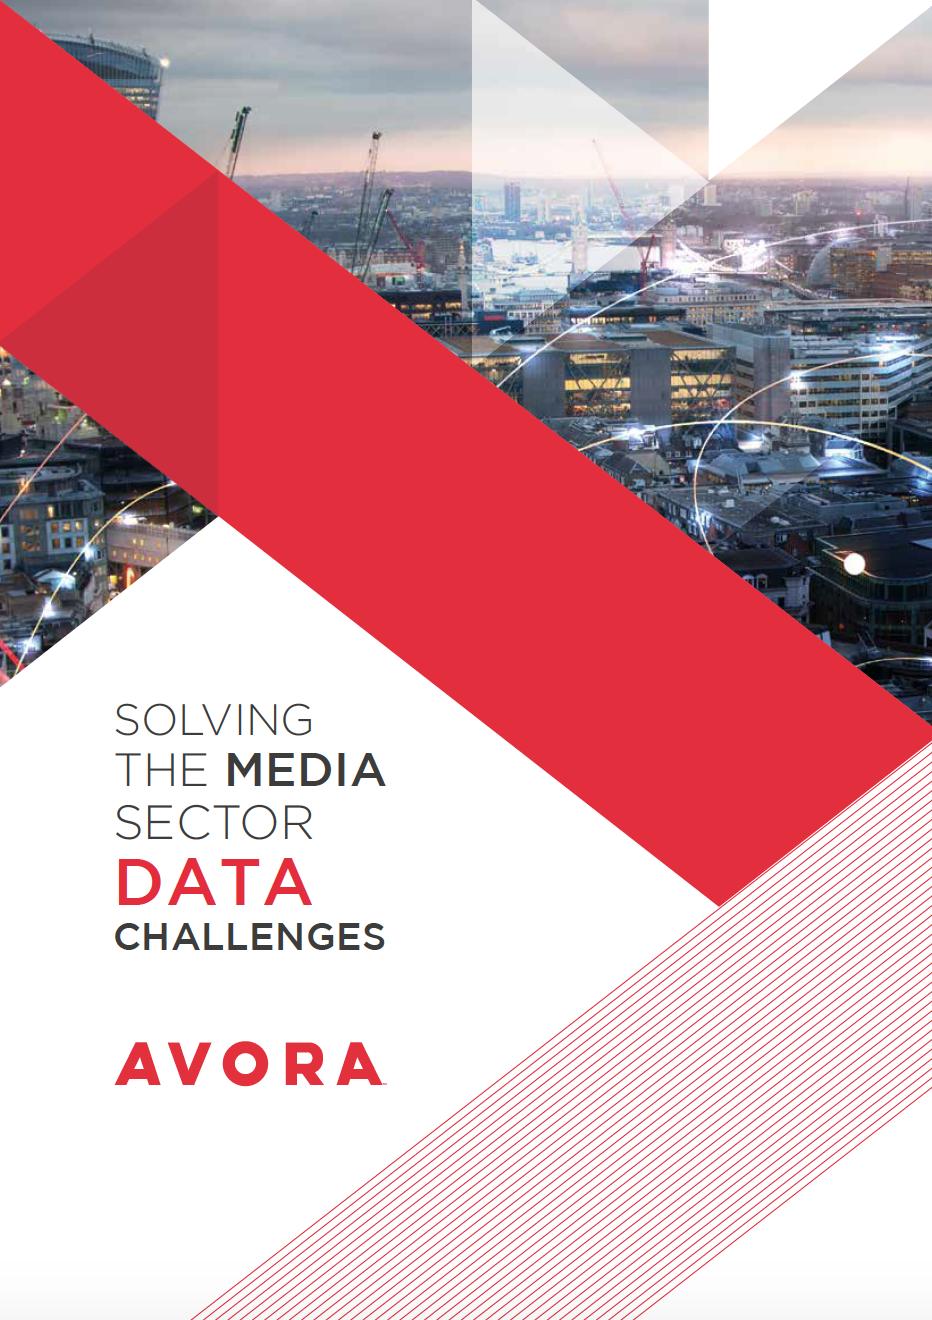 Solving The Media Sector Data Challenges - Avora